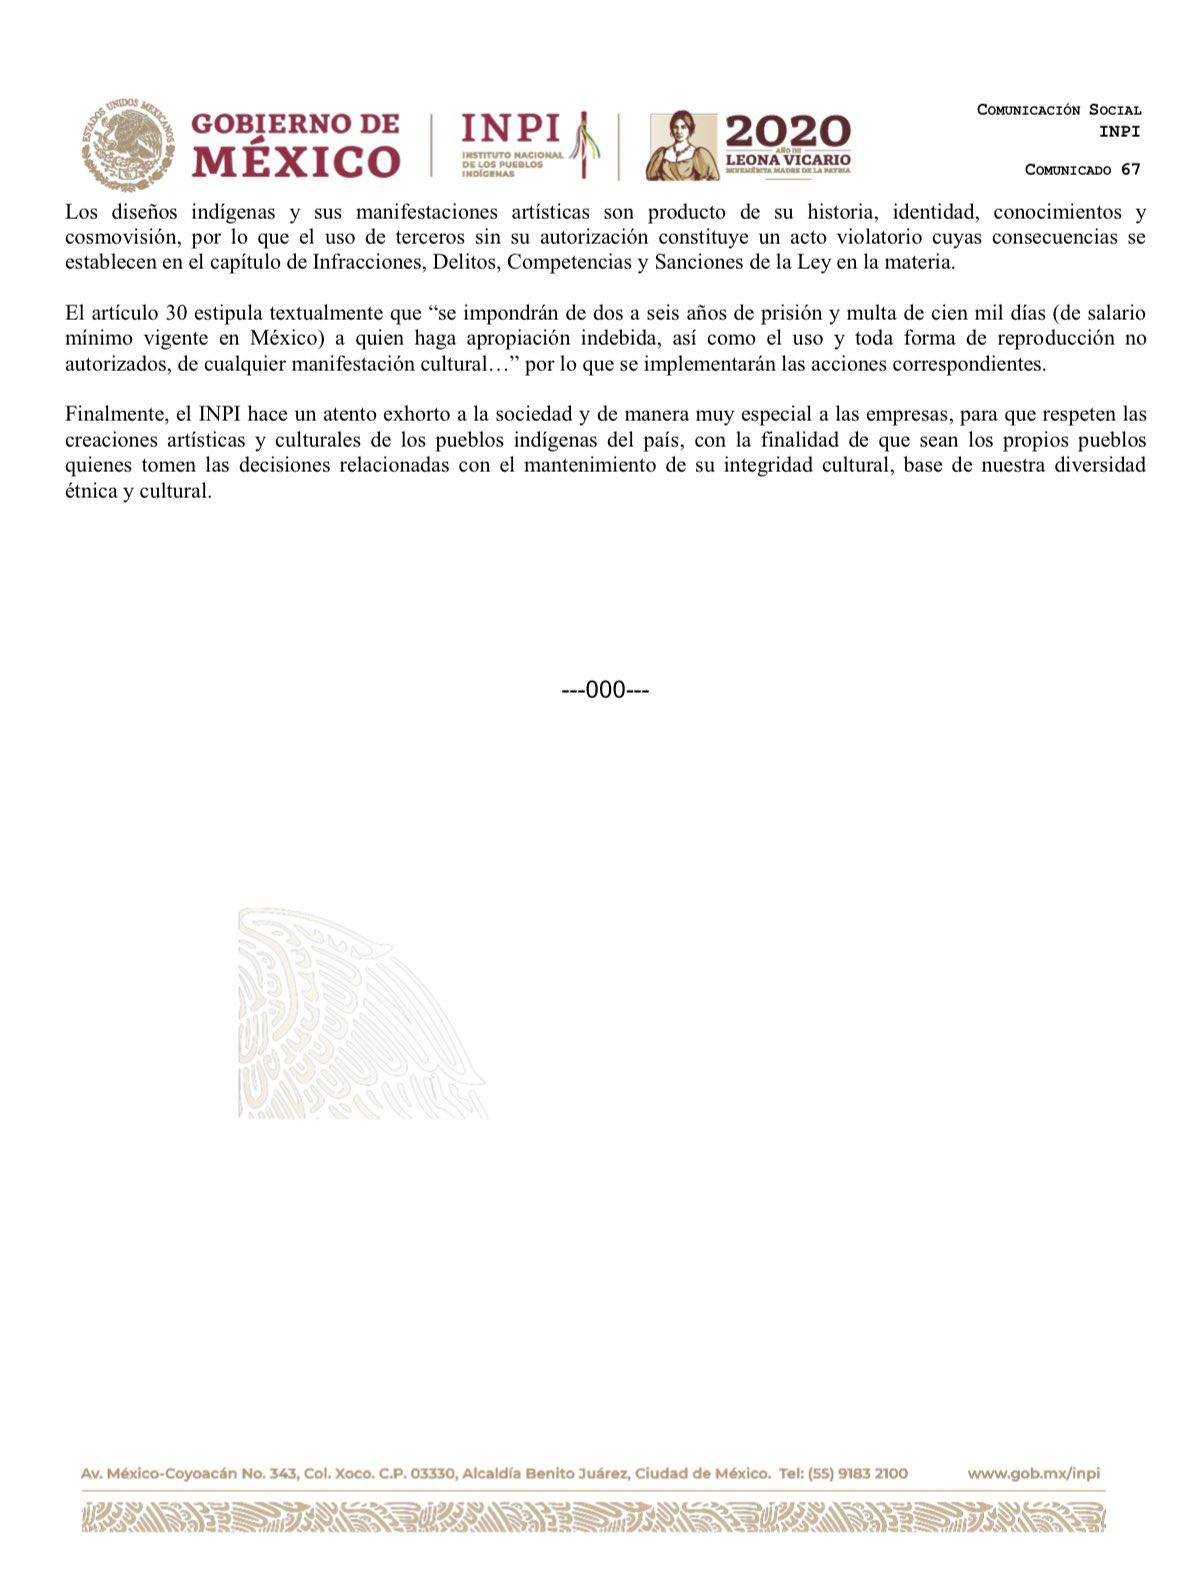 INPI condenó plagio de Isabel Marant, quien lanzó una colección con diseños muy similares a las de las comunidades de Michoacán